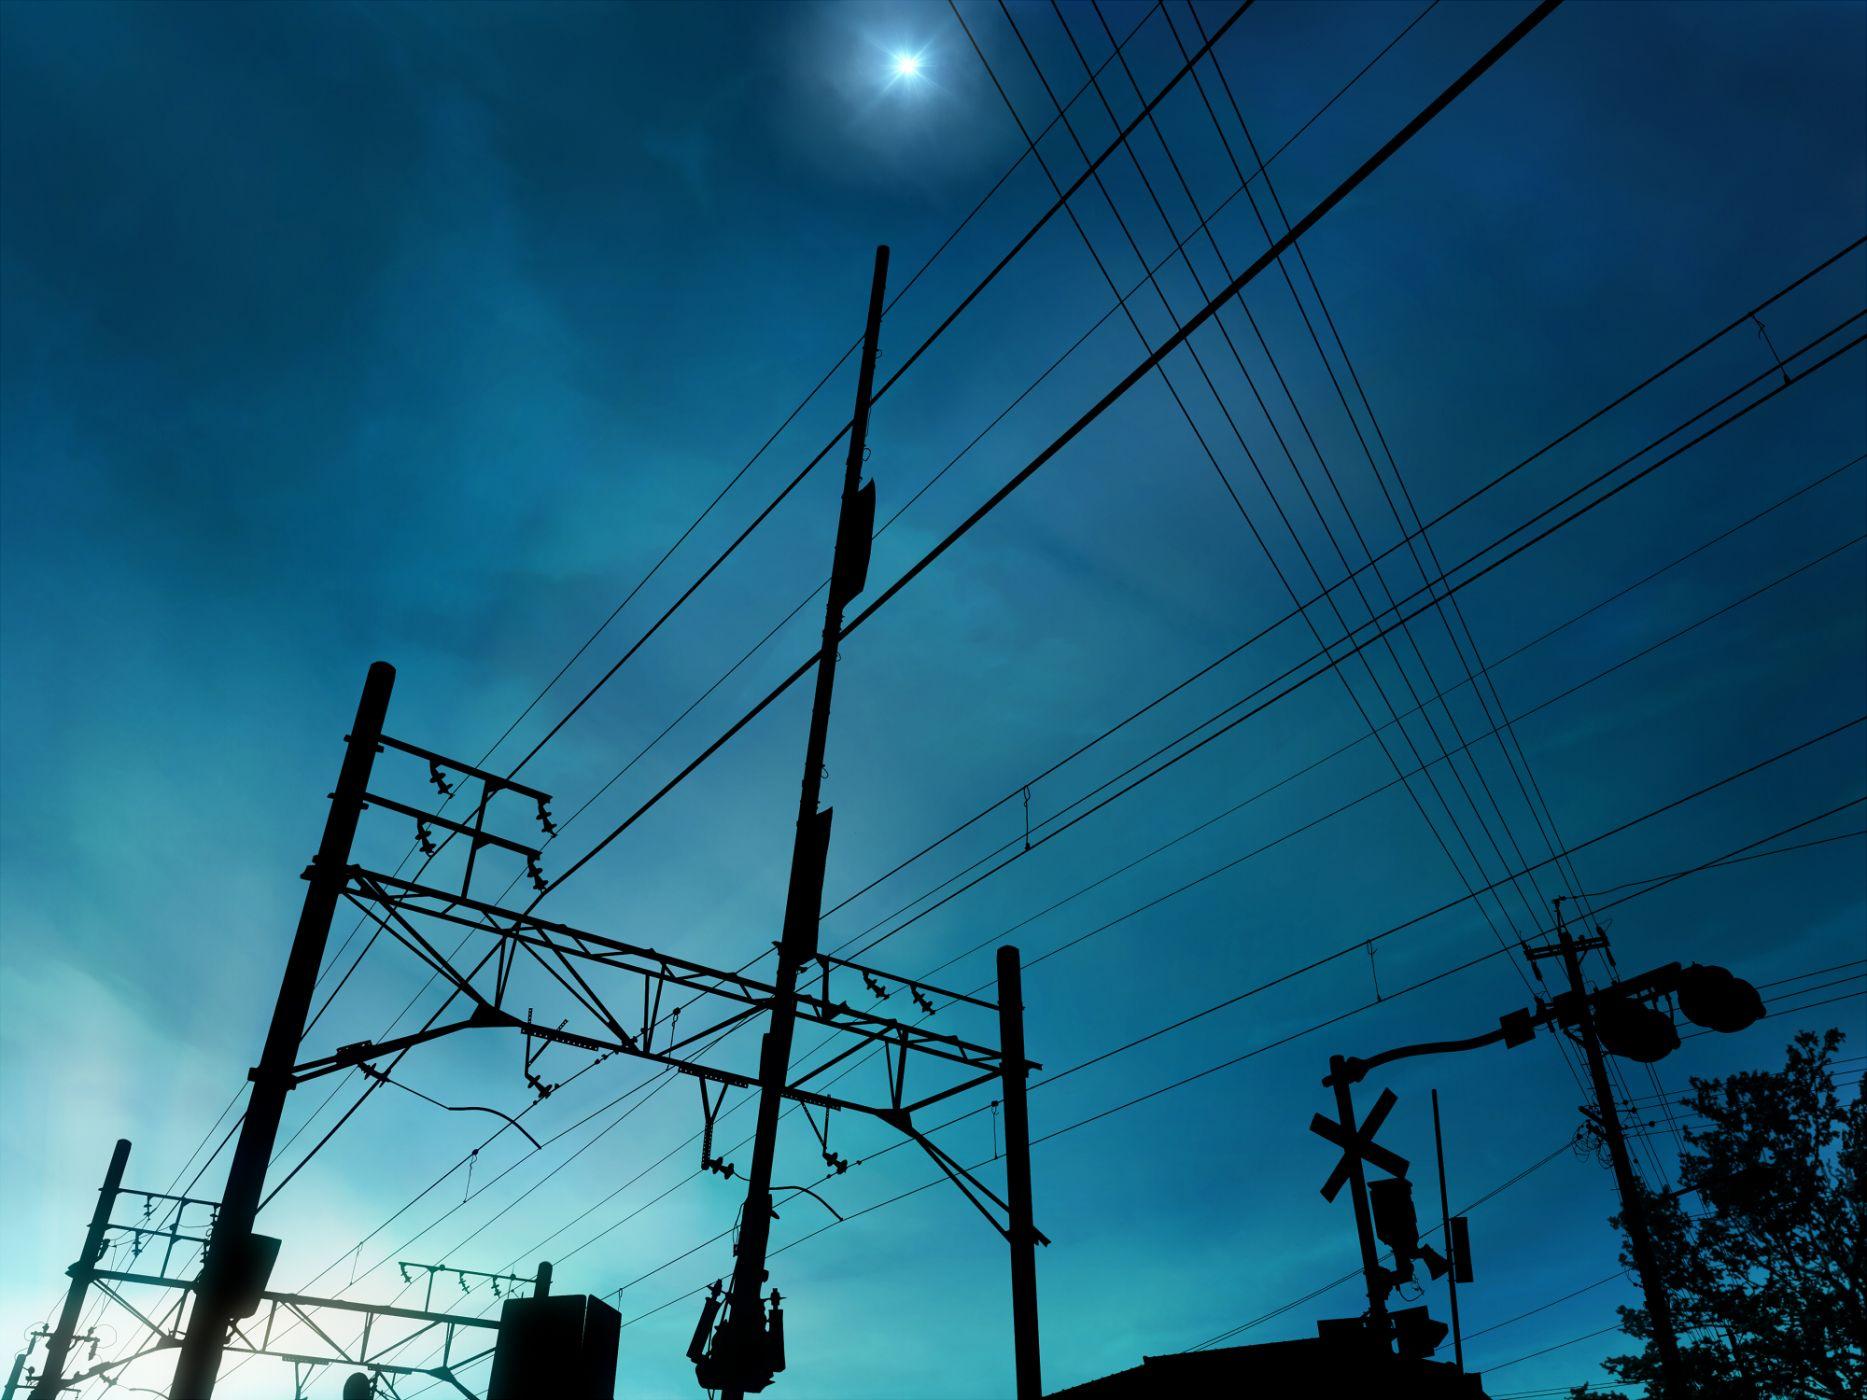 что картинки провода и здания имели возможности свободно